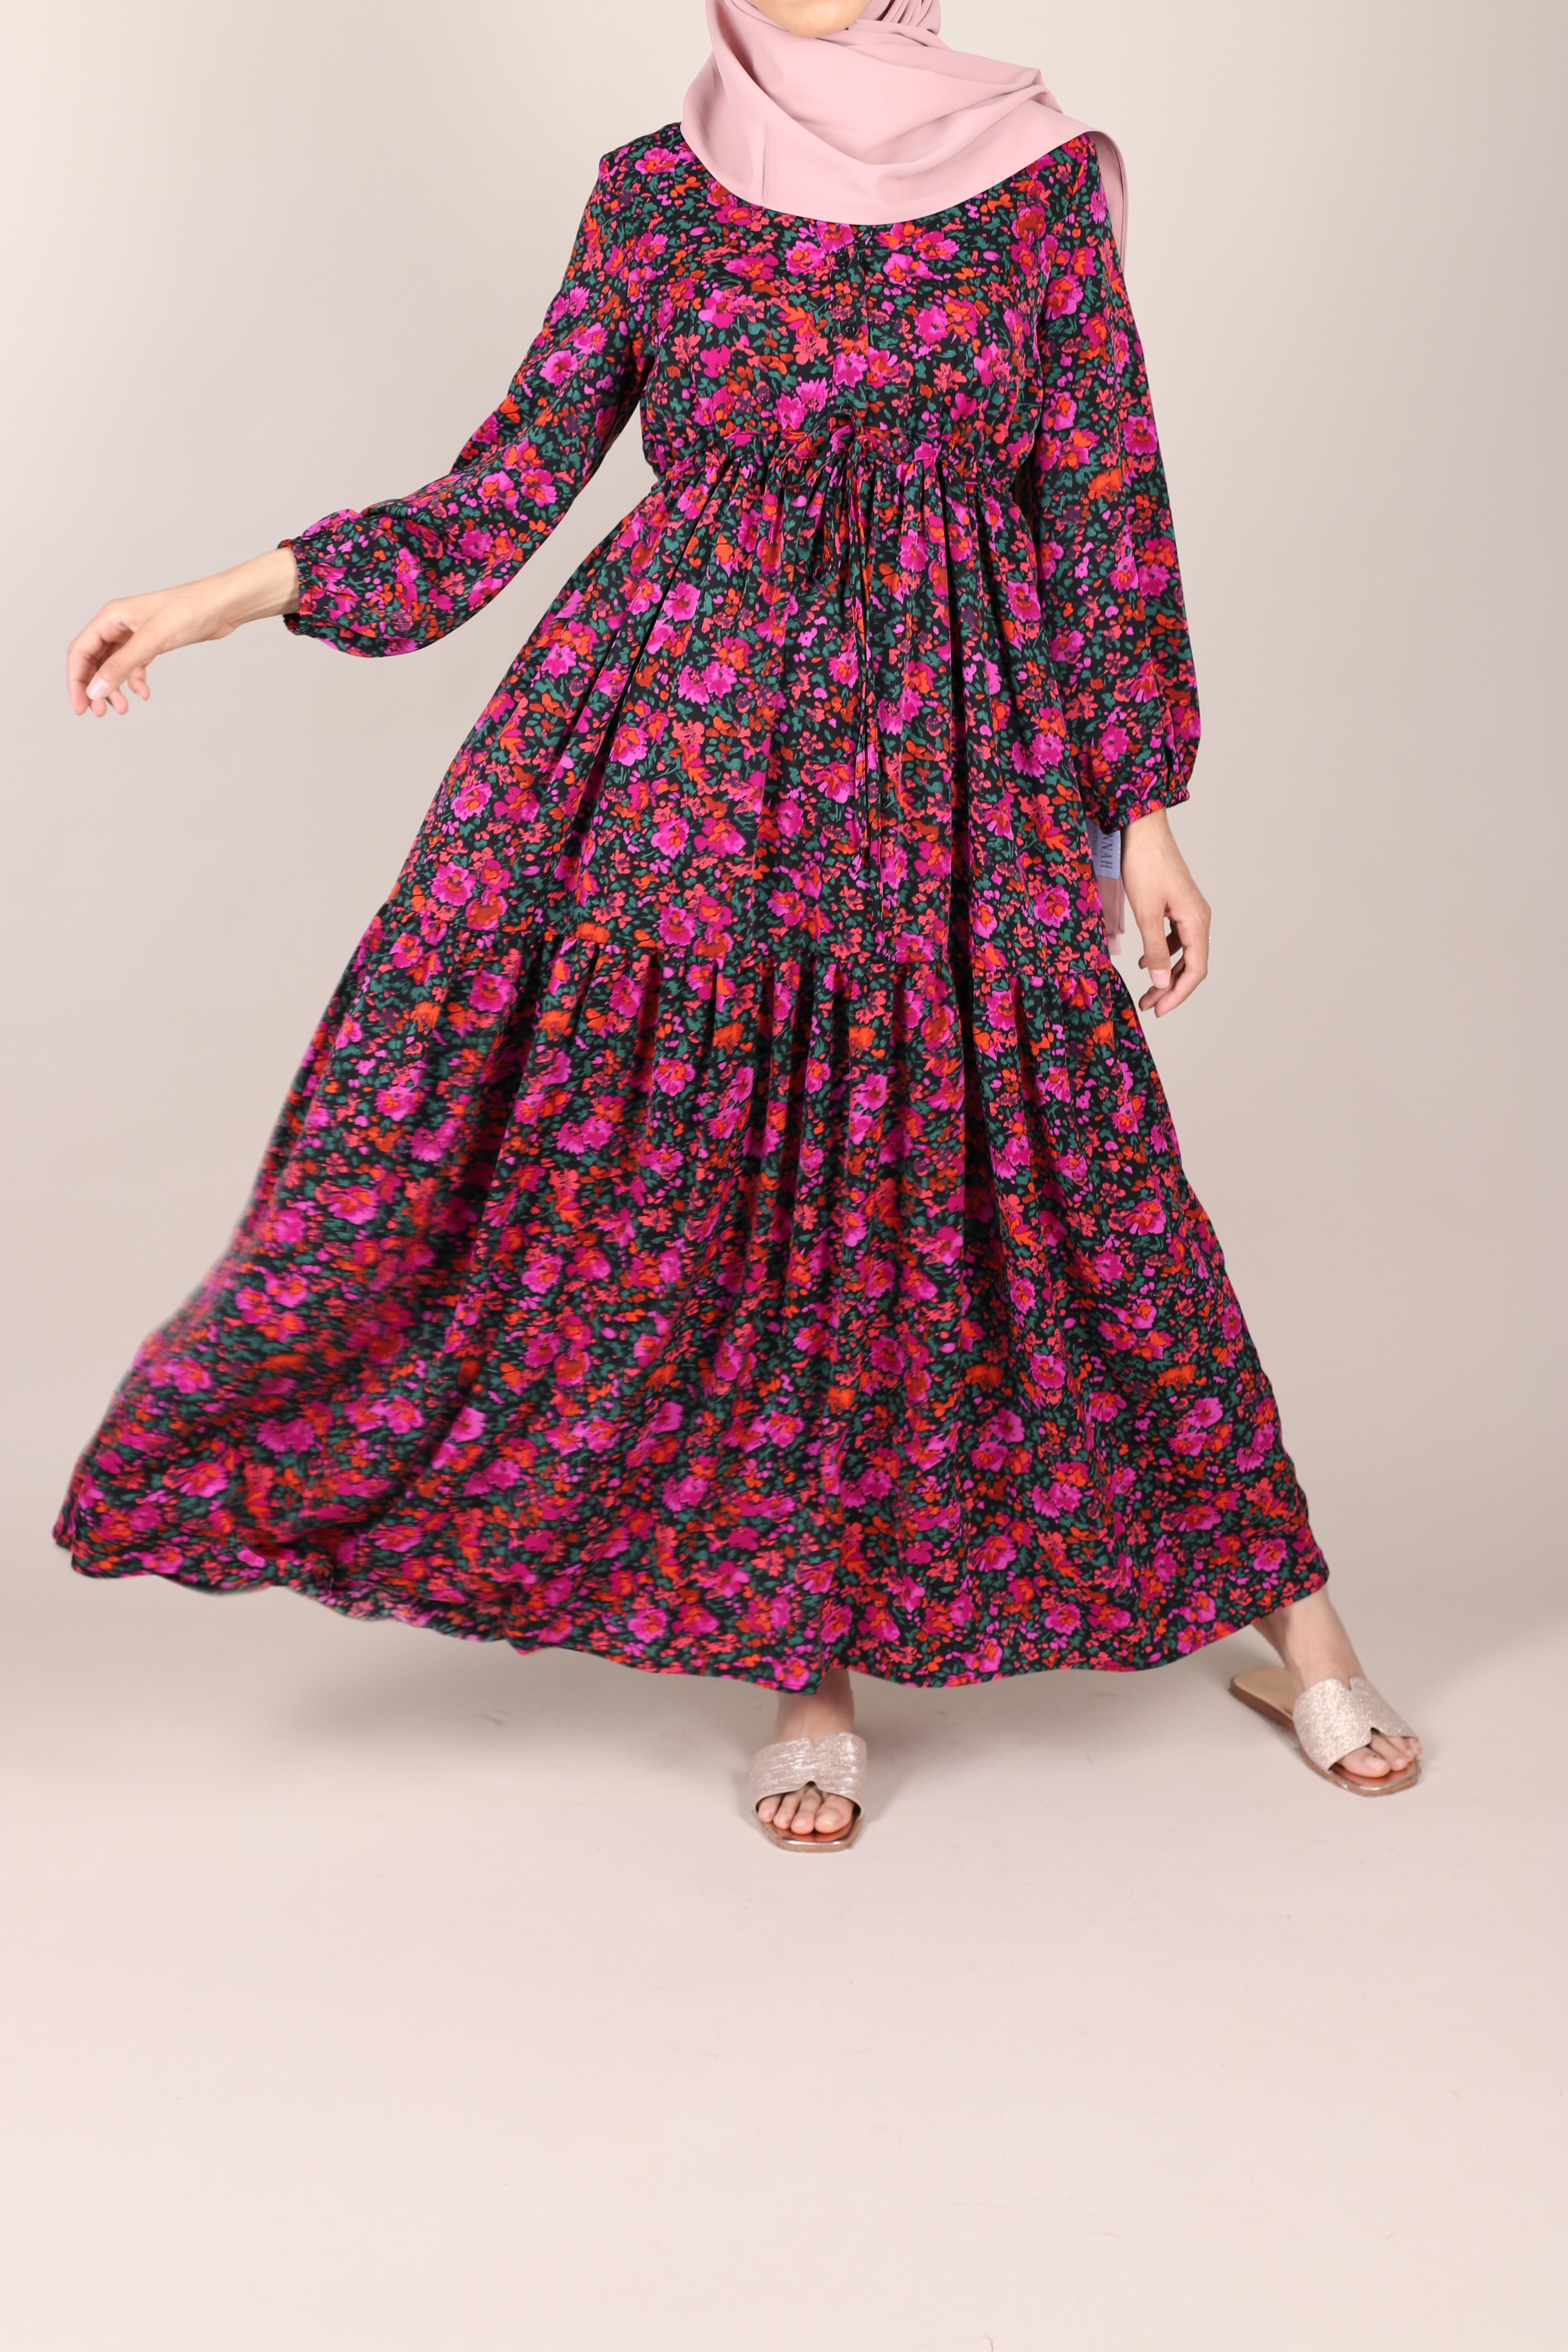 Robe fleurie fula